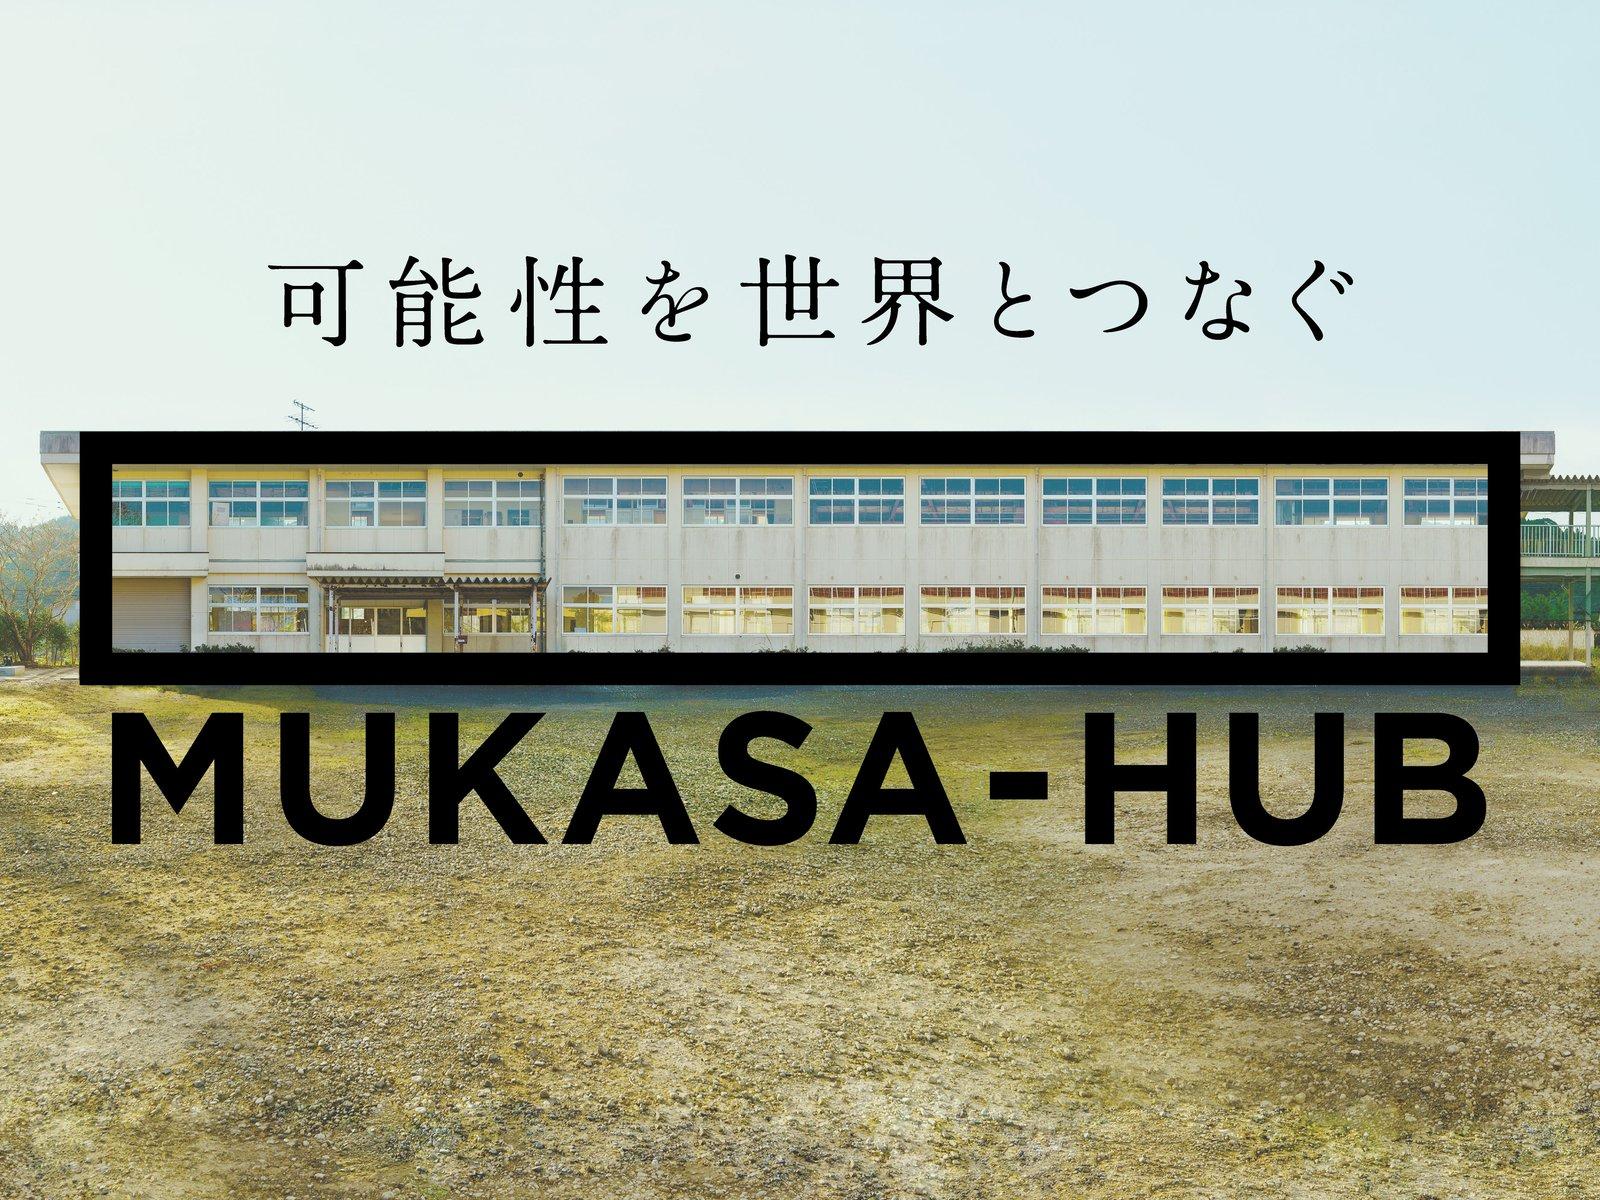 MUKASA-HUB